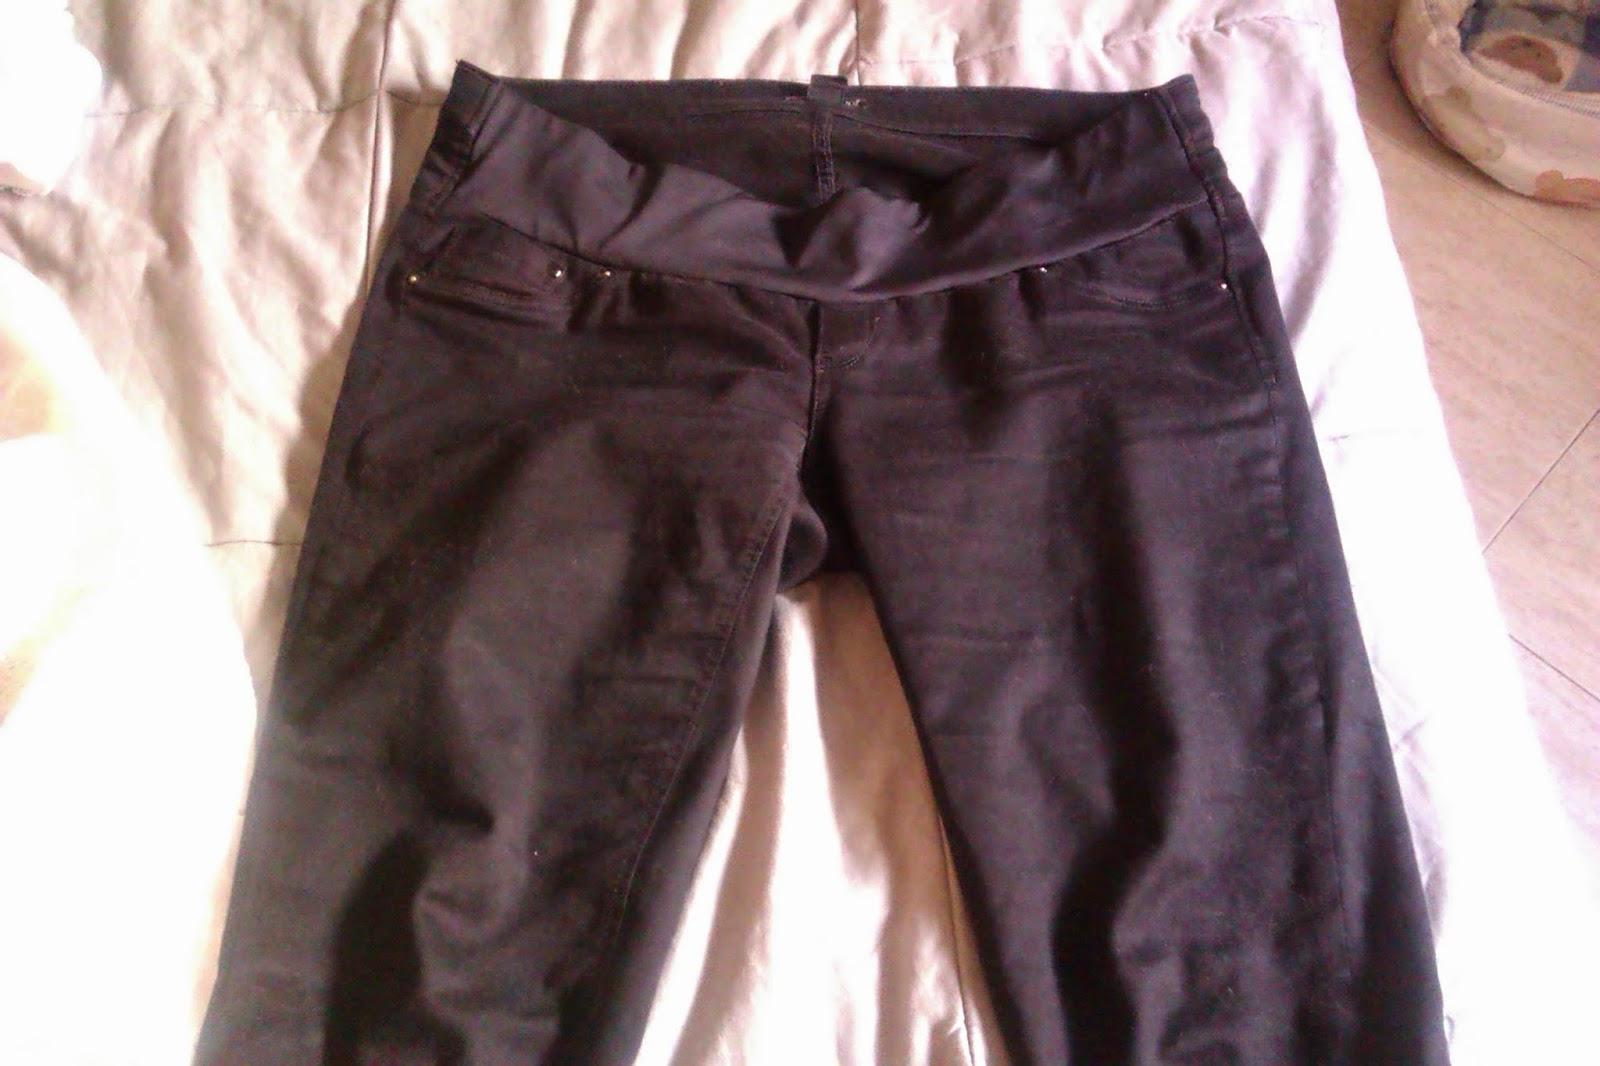 23344924ce9 Pantalón negro Premamá de H M  valía 30€ pero al comprarlo en rebajas me  costó 15€ no es muy cómodo se me cae constantemente no se si es porque el  fajín es ...